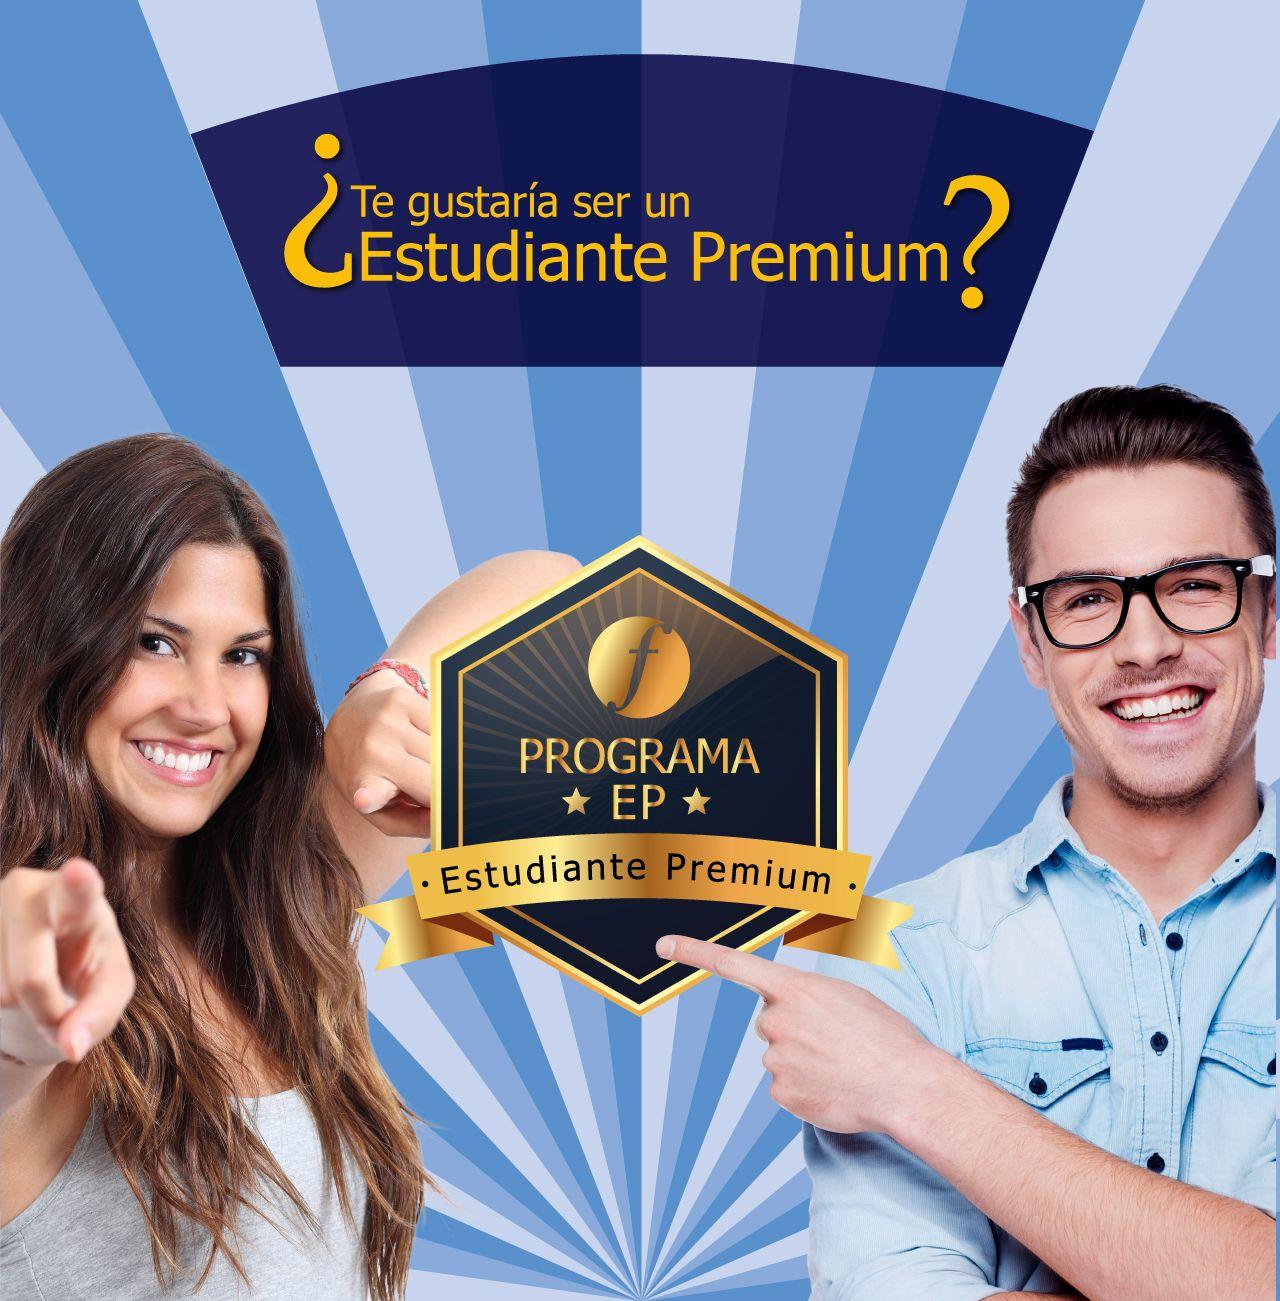 Chico y chica sonrientes con el sello de Estudiante Premium. ¿Quieres ser un Estudiante Premium?